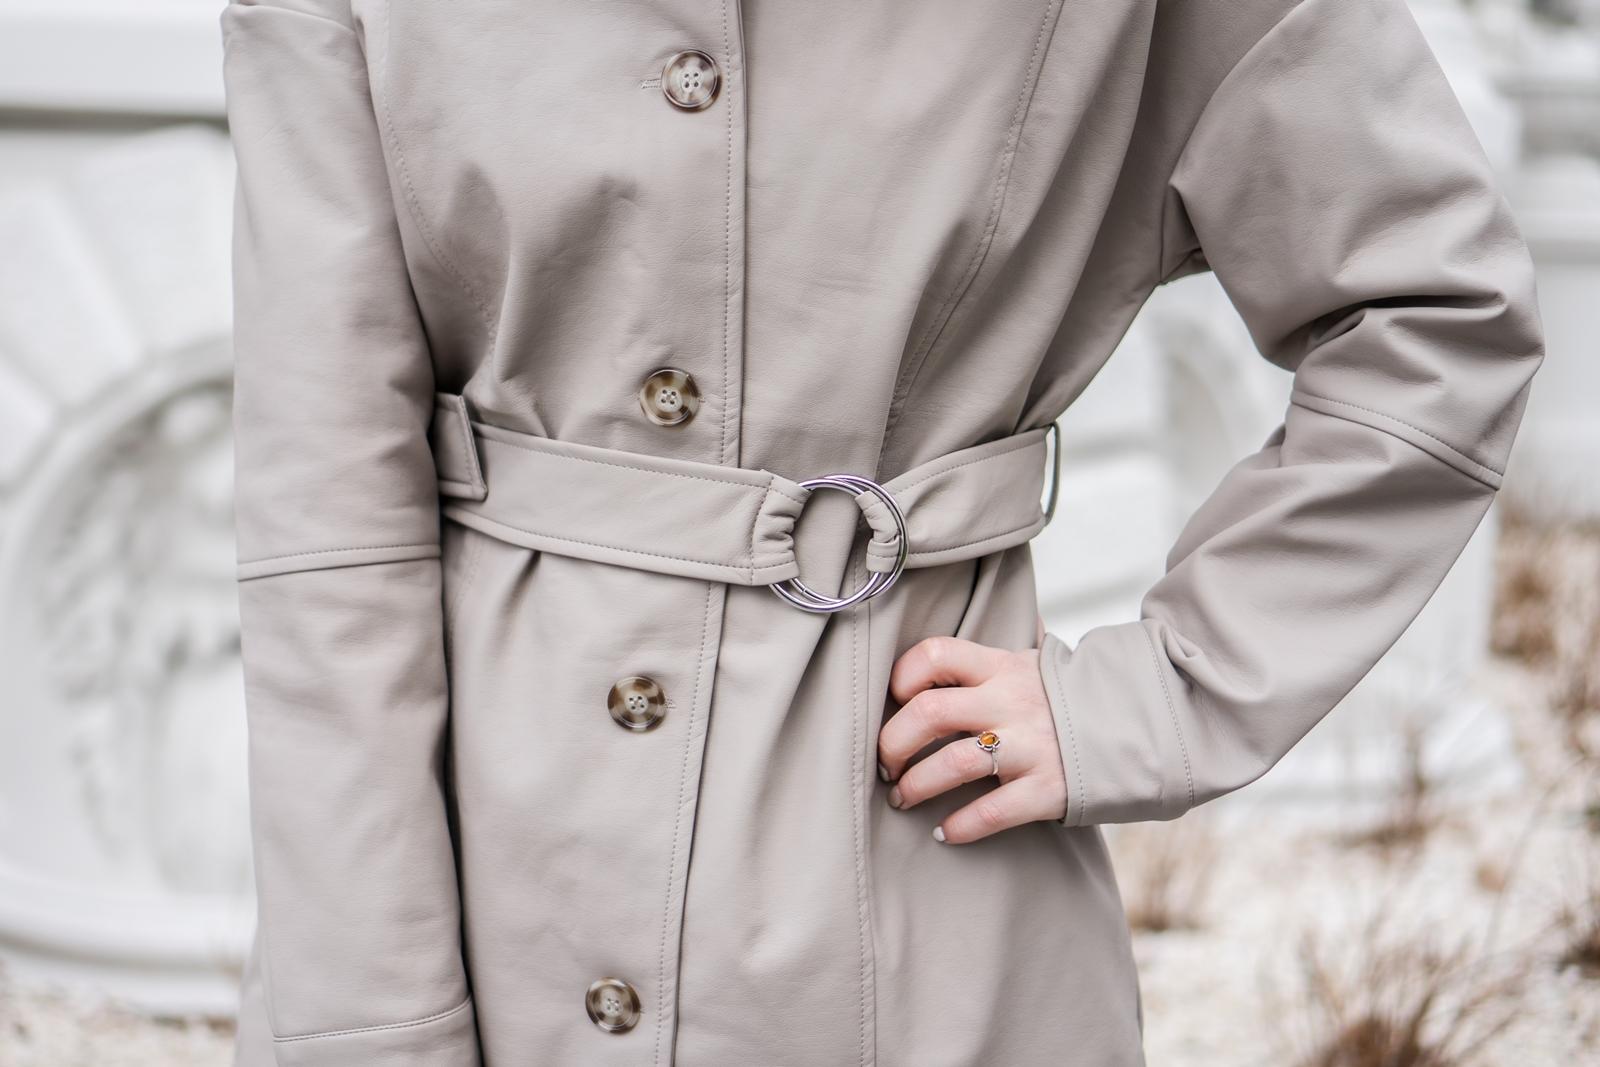 0 na-kd na kd lounge kod zniżkowy outlet rabat zakupy płaszcz na jesień kremowy sukienka modne stylizacje total look blog łódź fashion lifestyle